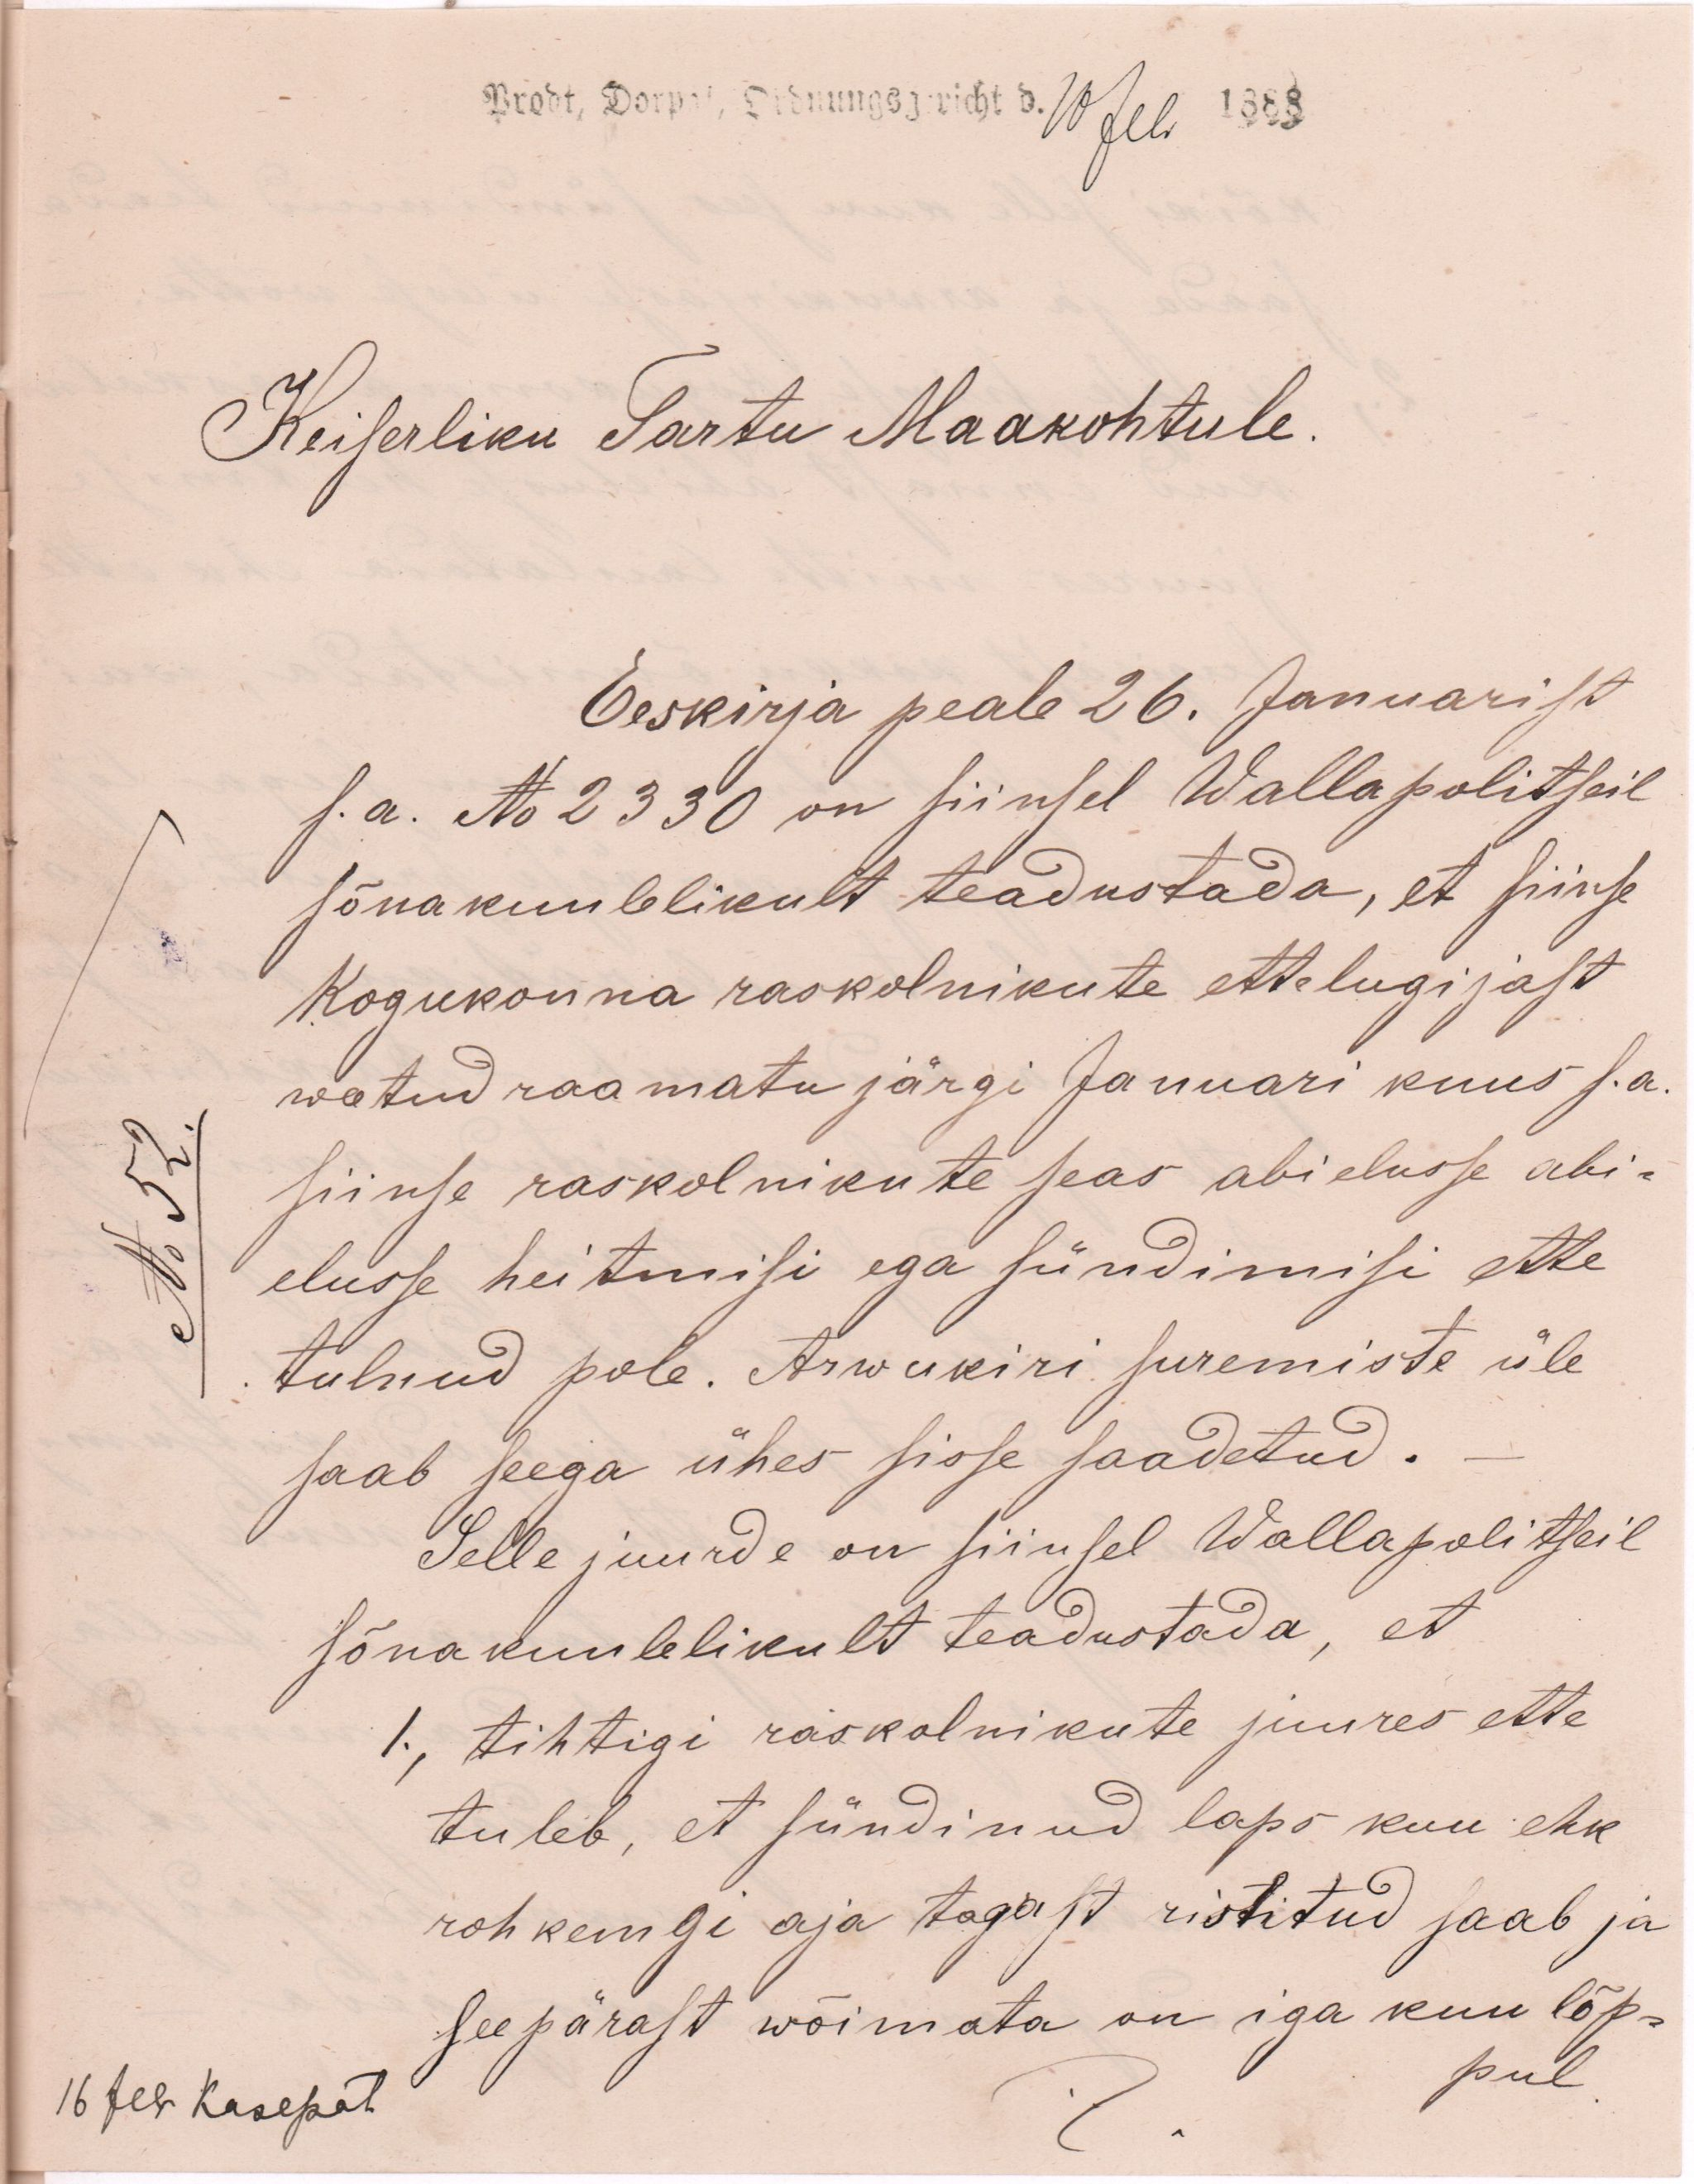 Kasepää vallapolitsei aruane keiserlikule Tartu maakohtule 1888. aastal, milles selgitab, miks vanausuliste sünde ja abielusid ei saa nõuetekohaselt kirja panna. RA, EAA.949.1.1607